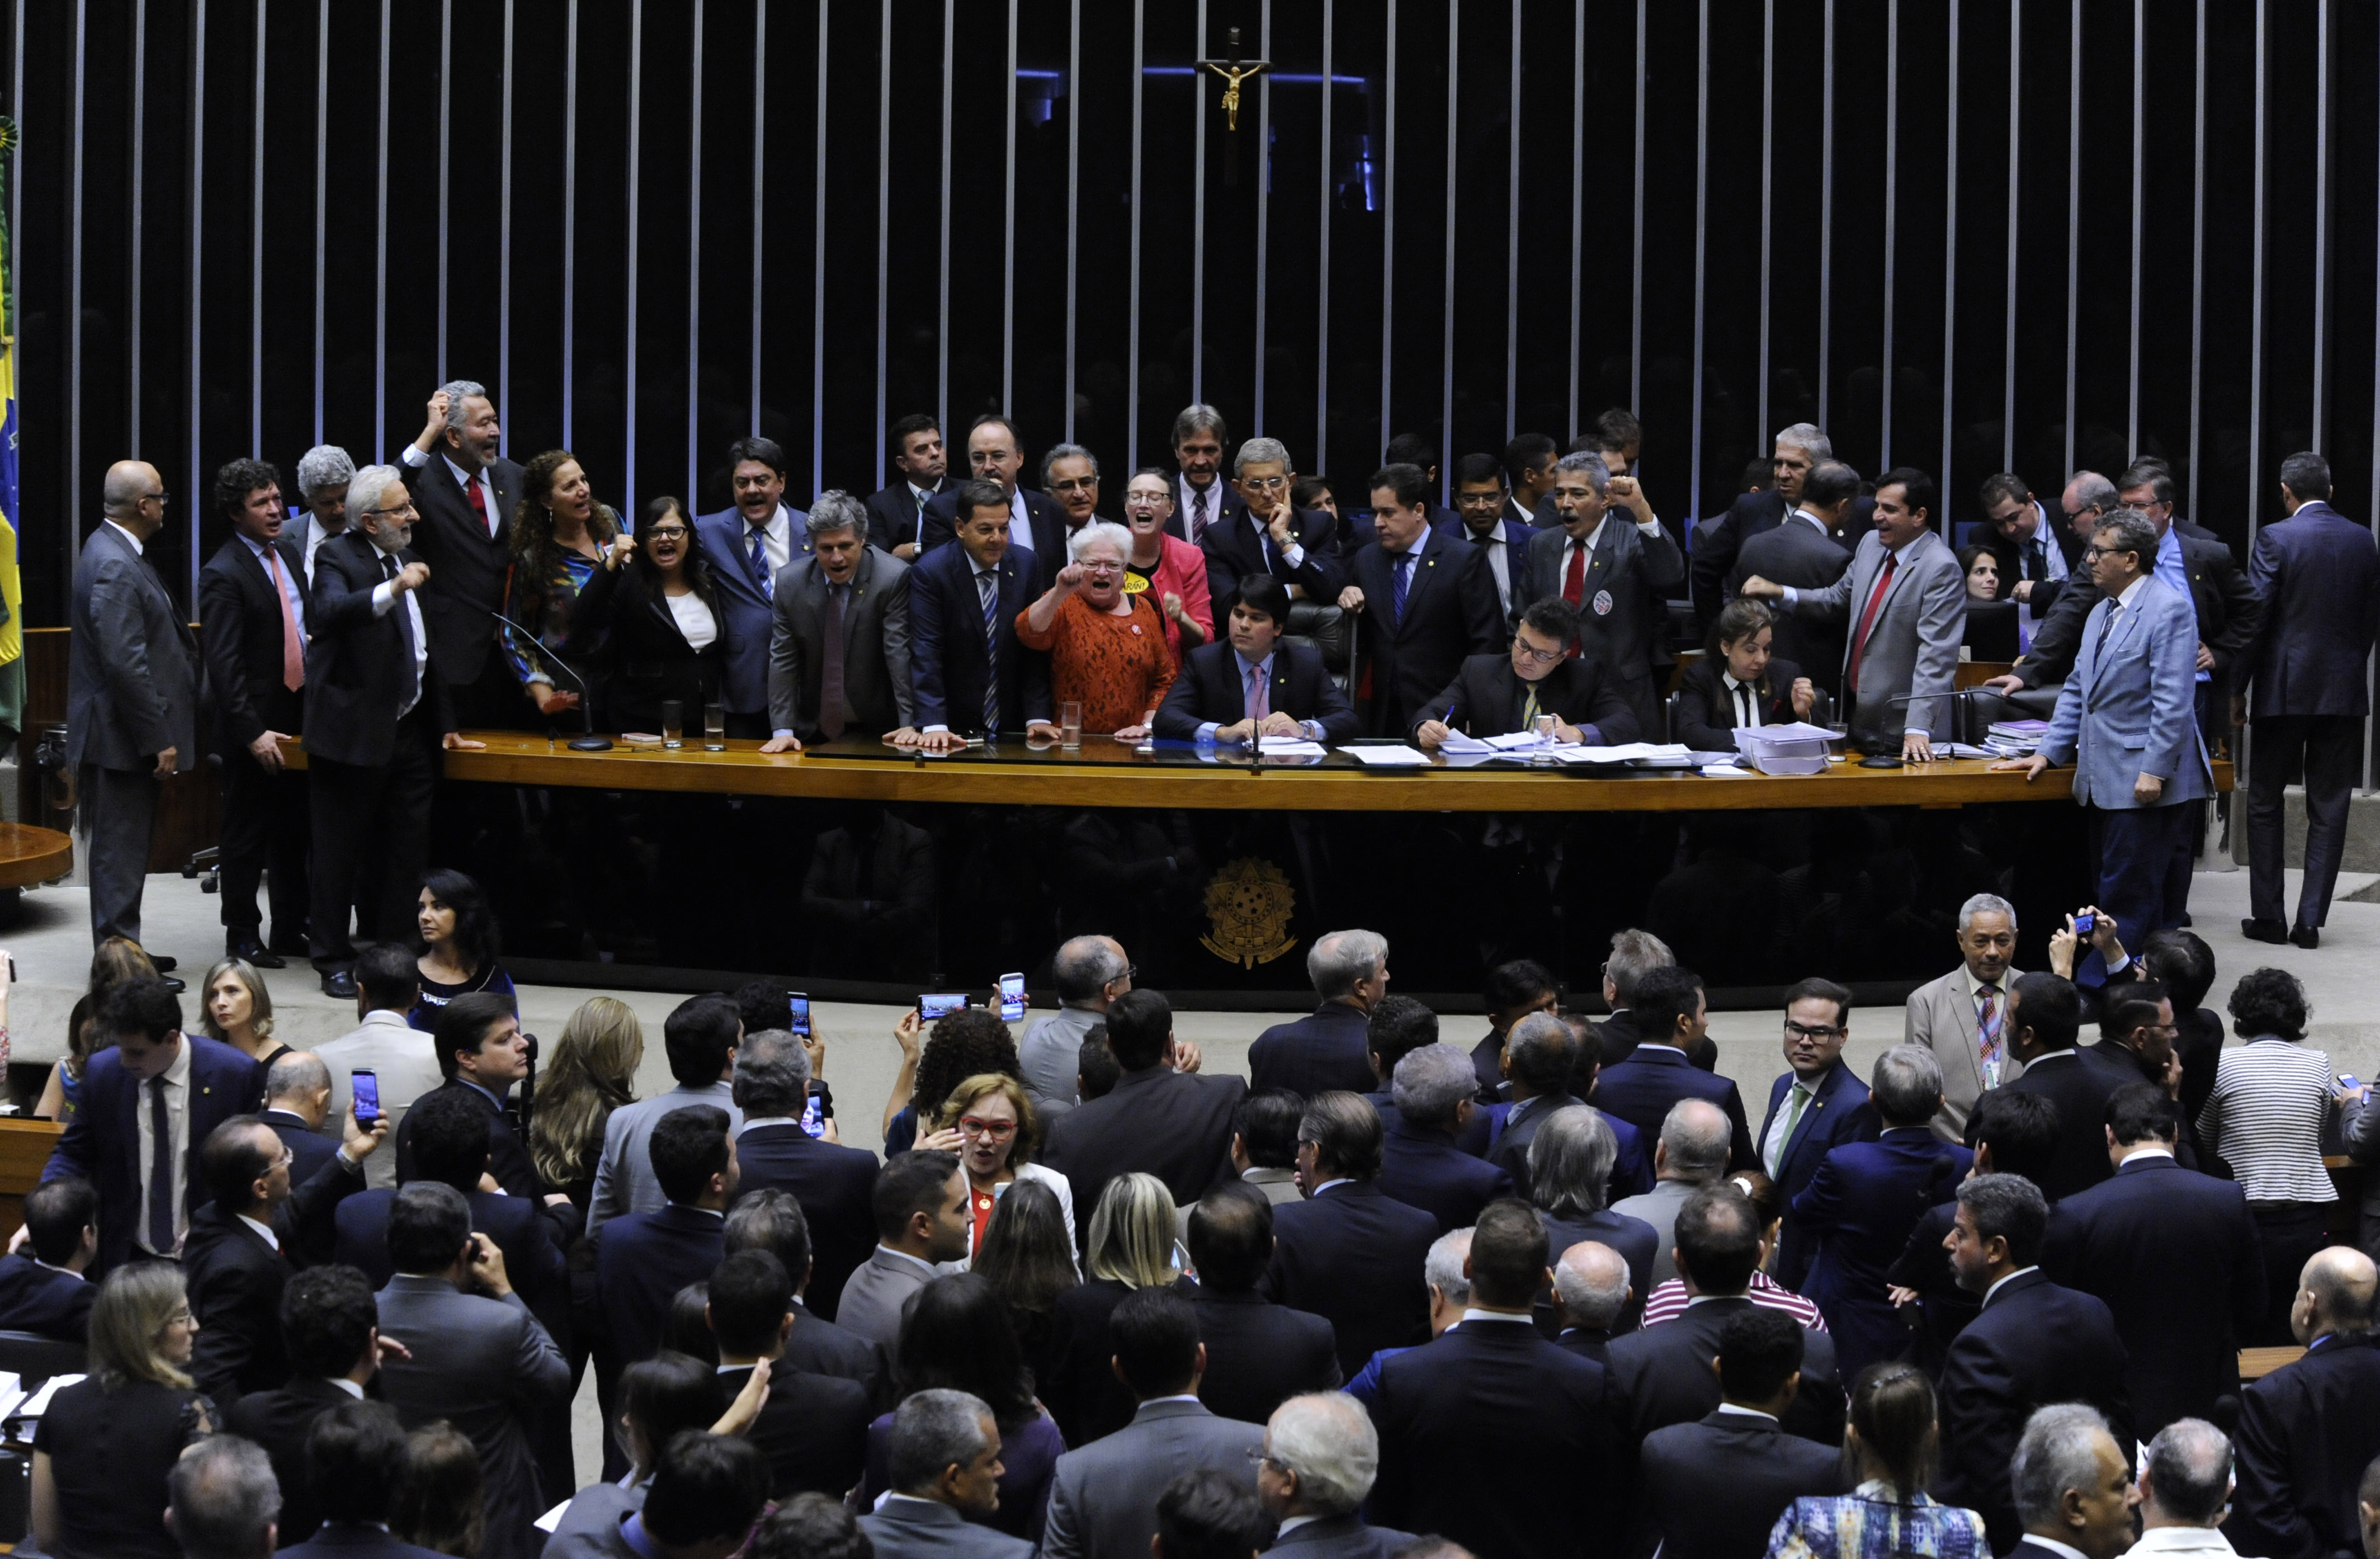 Tumulto no plenário da Câmara durante sessão